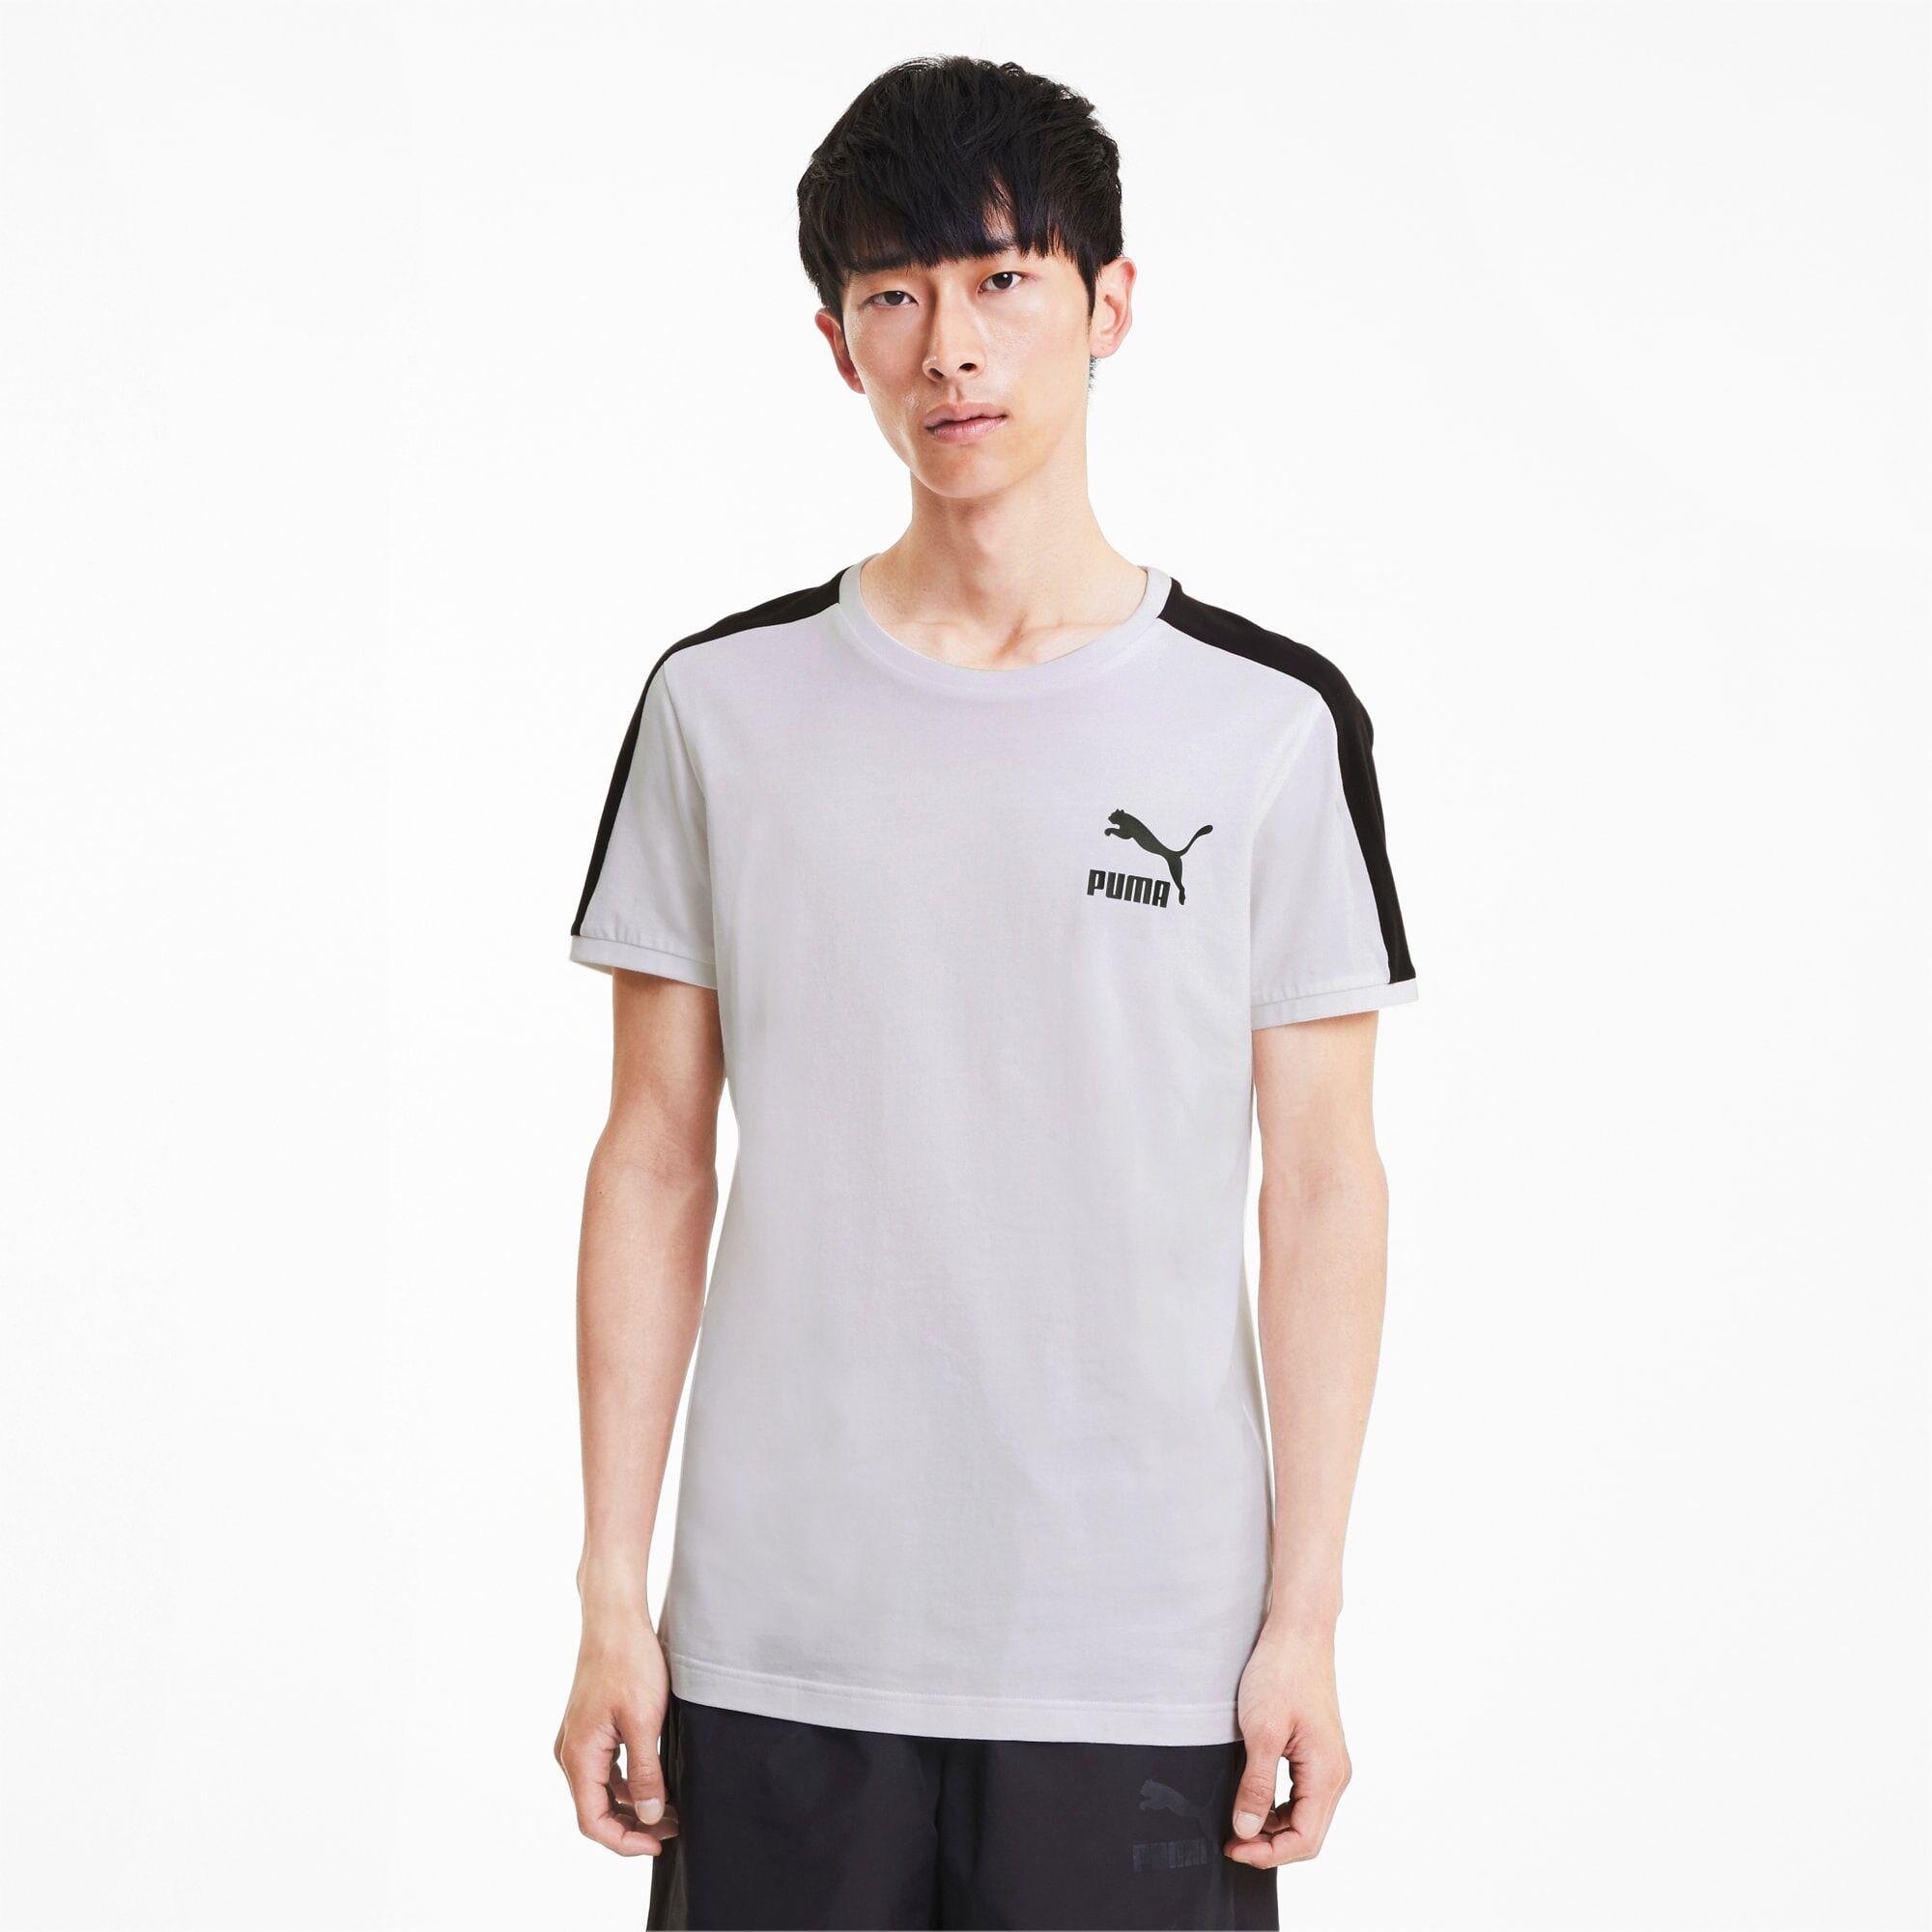 PUMA T-Shirt Iconic T7 Slim pour Homme, Blanc, Taille M, Vêtements